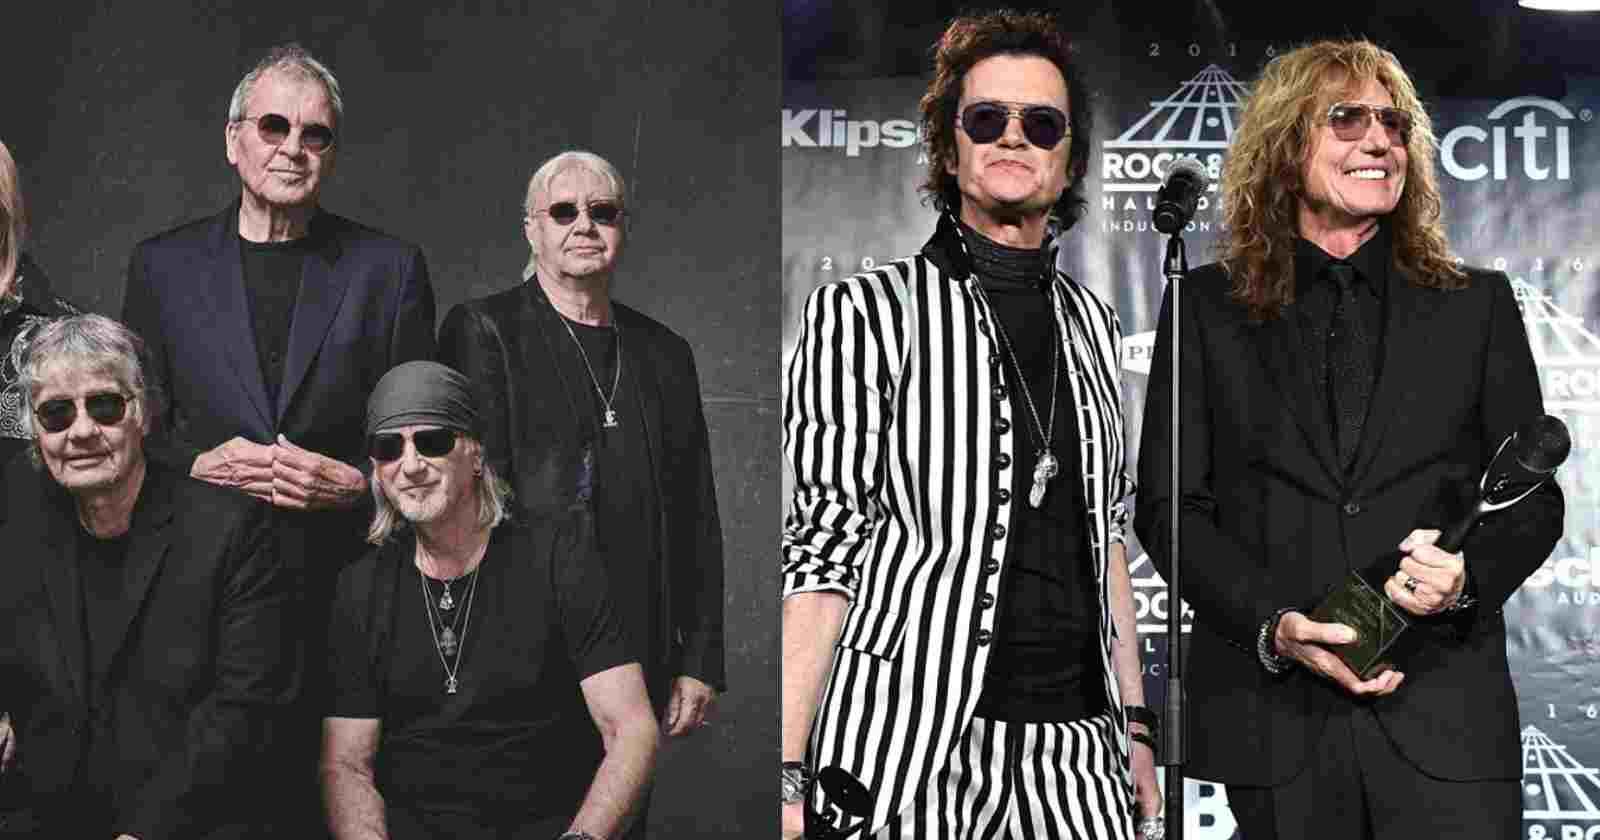 Deep Purple members